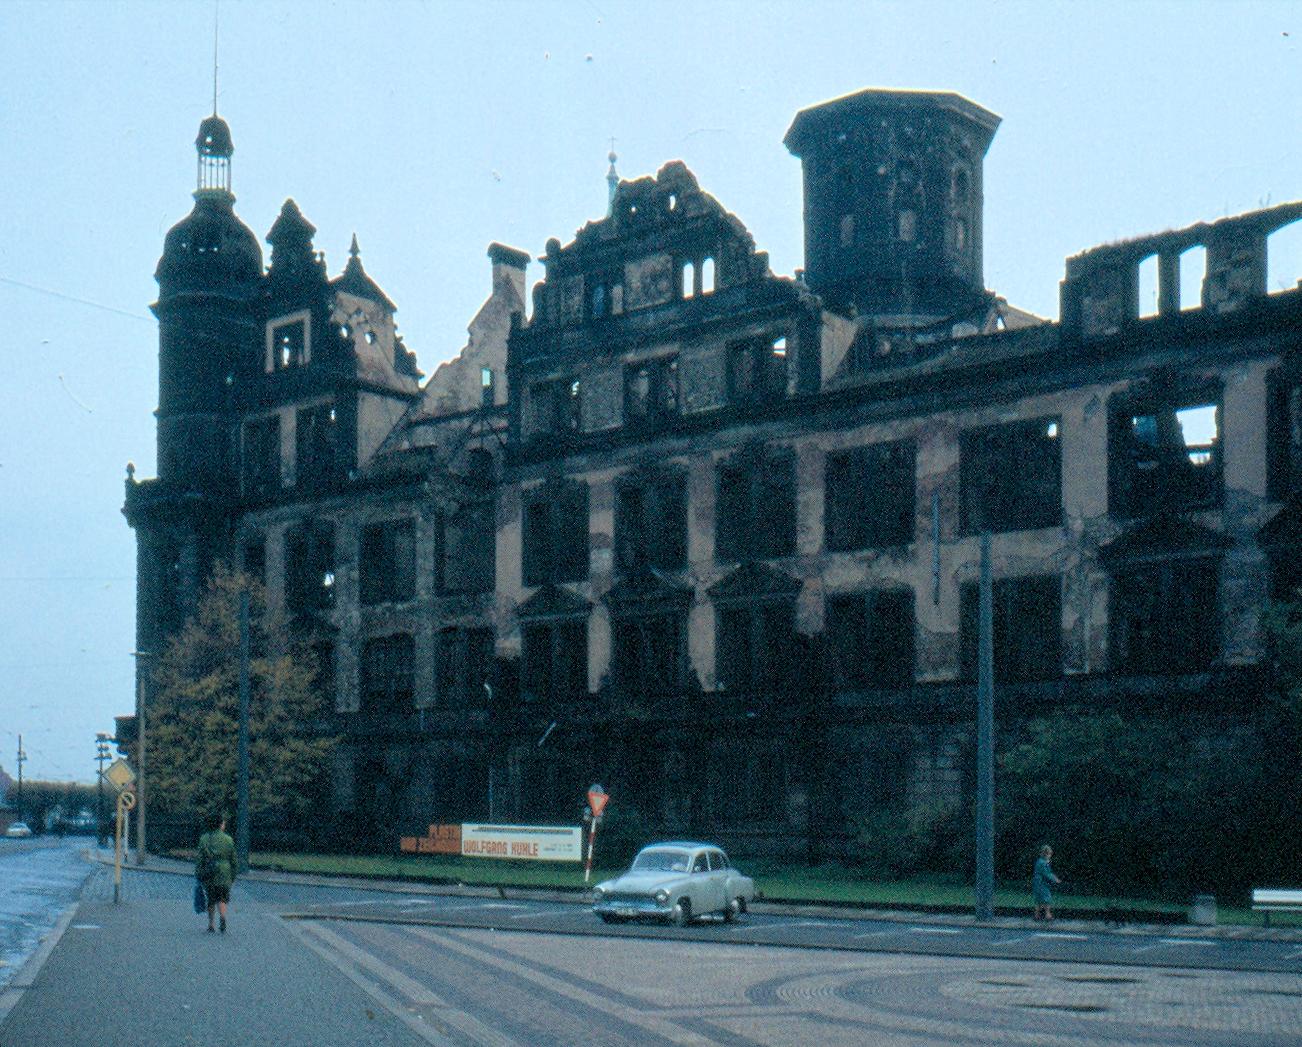 https://i0.wp.com/upload.wikimedia.org/wikipedia/commons/9/92/Dresdner_Schloss_DDR-Zustand_nachbearbeitet.jpg